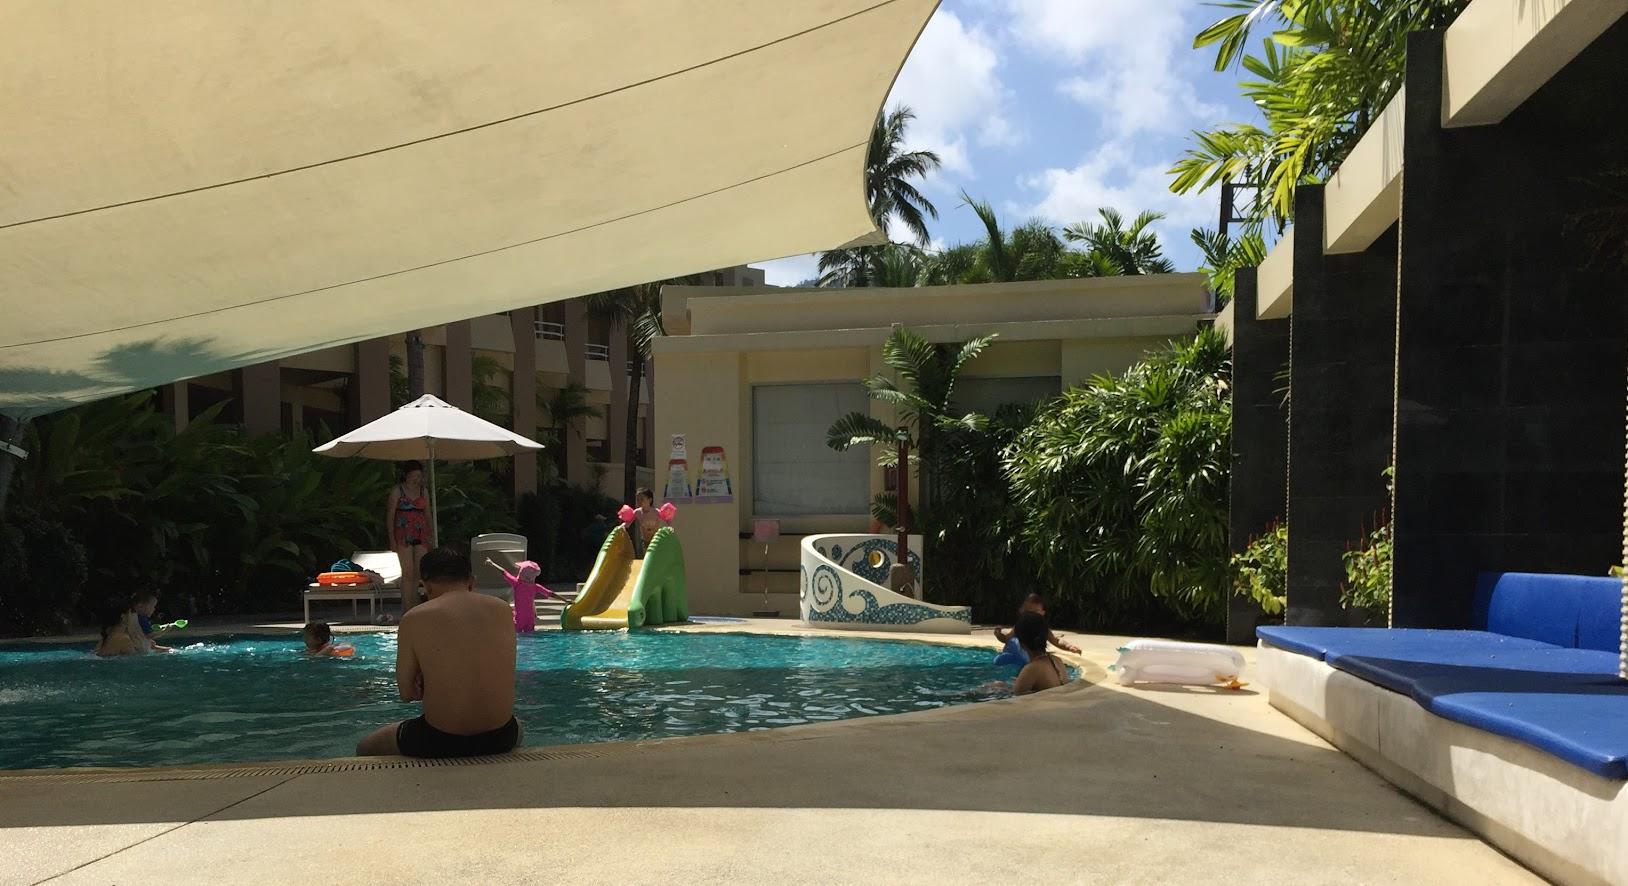 ホリデーインリゾートの子ども用プール